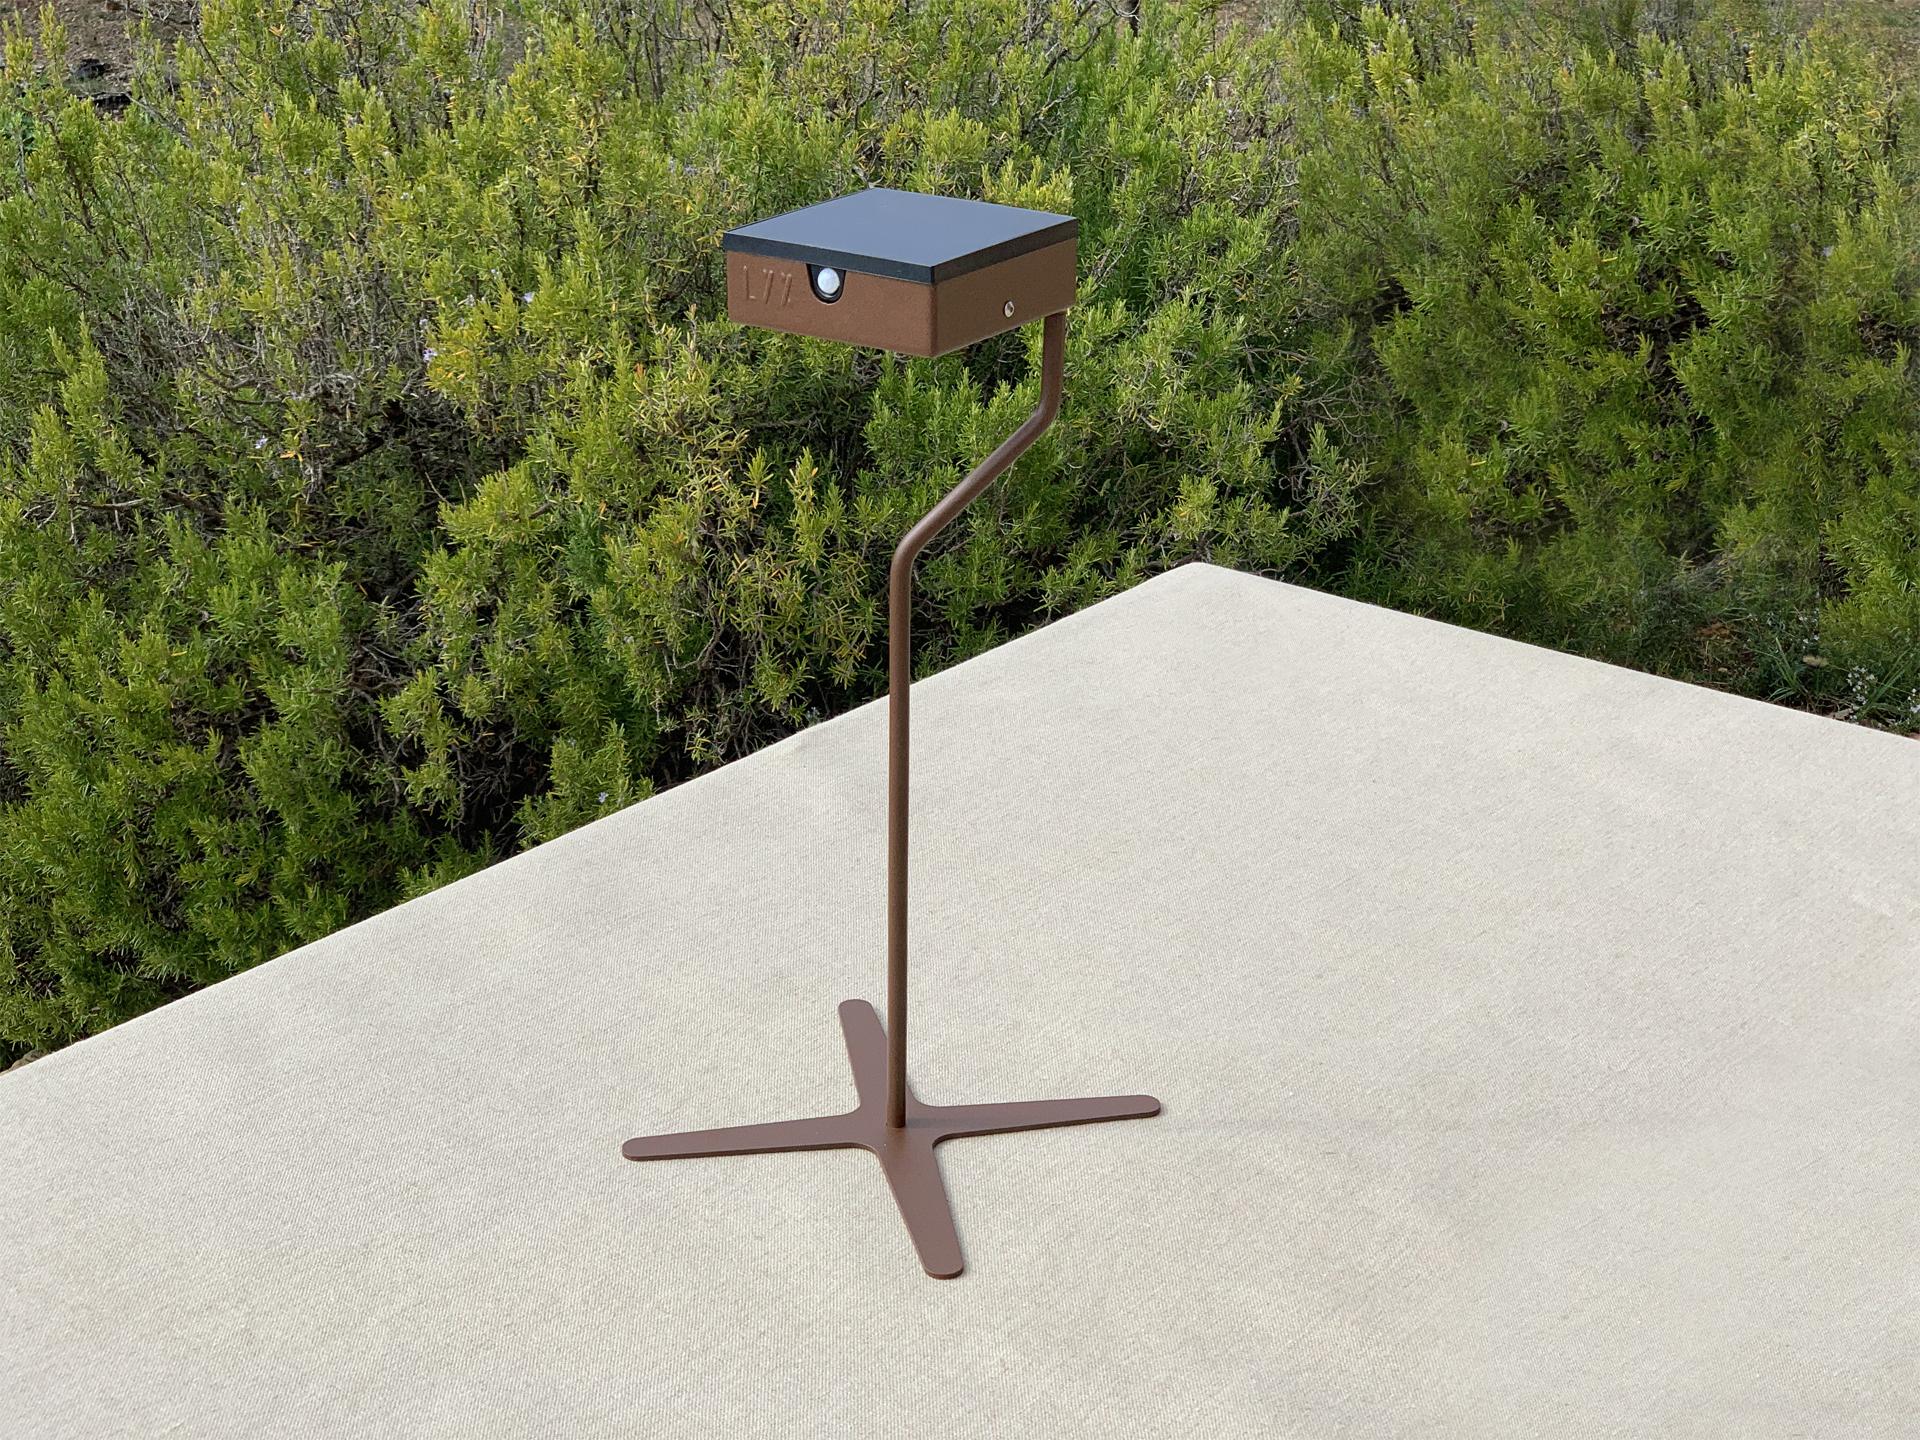 La lampe solaire TEE est déclinée en chandelier solaire et rejoint la collection des lanternes solaires extérieures LYX Luminaires. Cette lampe de table originale est fabriquée en acier inoxydable, couleur rouille Corten ou gris anthracite. Cette lanterne solaire d'extérieur est une lampe autonome, équipée d'un détecteur de présence. La lampe solaire TEE est idéale pour l'éclairage de table. Lampe extérieure design pour un éclairage moderne. Comme toutes les lampes extérieures solaires LYX Luminaires, la lanterne solaire TEE déclinée en chandelier solaire est de conception et de fabrication française. / Lampe extérieure jardin pour un éclairage extérieur design. Version lampe solaire jardin ou lampe jardin LED. Cette lampe de jardin ou lampe terrasse est une lampe de jardin avec détecteur. Fabriquée en acier, la lampe jardin détecteur permet un éclairage solaire ou un éclairage LED puissant selon le modèle choisi. Découvrez la collection de luminaires extérieurs constituée de lampes solaires et lampes LED. Vaste collection d'appliques extérieures / appliques murales : applique murale extérieure solaire, applique murale LED, applique extérieure design. Les appliques extérieures murales sont de fabrication française. Lampe solaire idéale pour l'éclairage de terrasses, de jardin. Lampe solaire terrasse, lampe extérieure terrasse permettant un éclairage performant. La lampe extérieure est équipée d'un détecteur de présence. Le luminaire extérieur doté d'un détecteur de mouvement, éclaire au passage d'une personne d'une voiture. Lampe extérieure détecteur puissante et efficace, au design épuré et moderne.